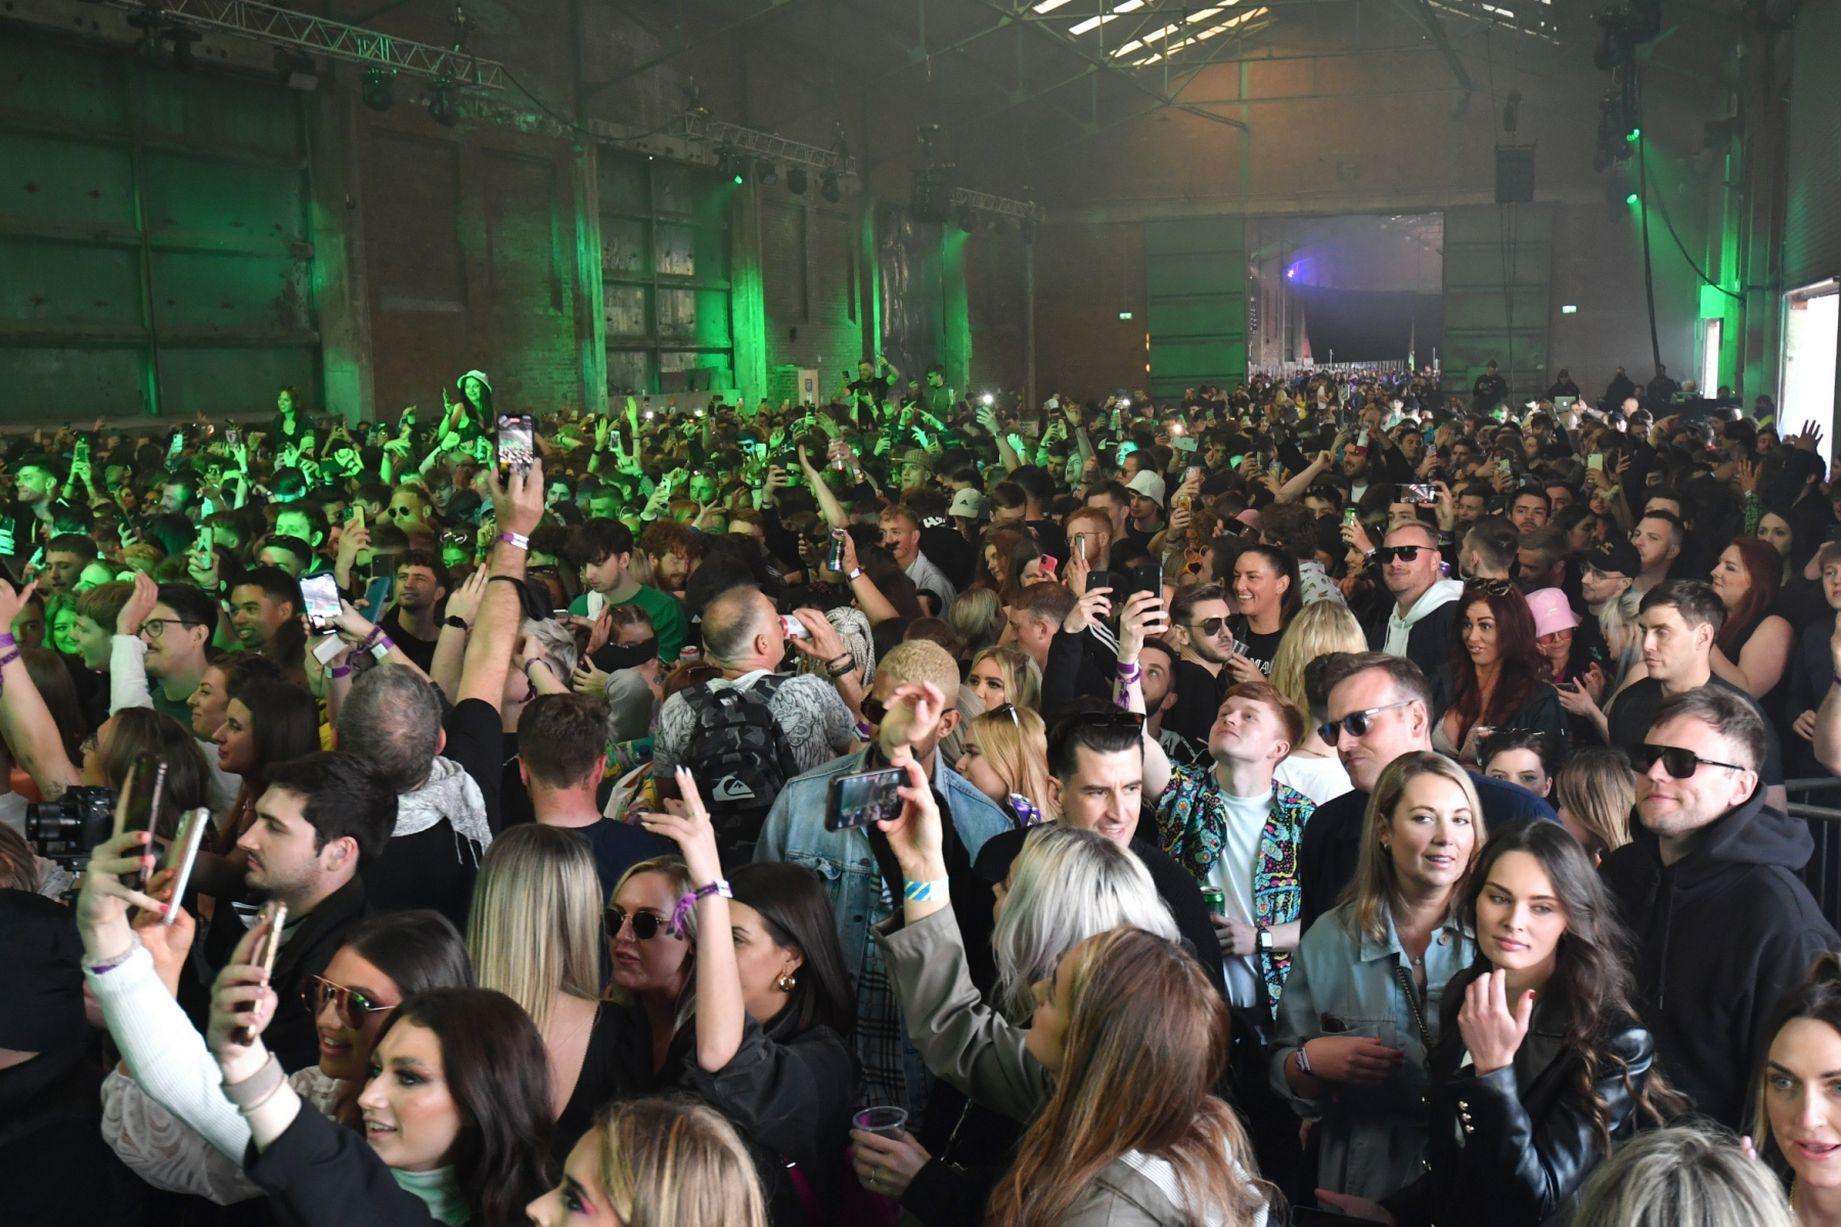 آلاف البريطانيين يشاركون في حفل لمراقبة كورونا عن قرب